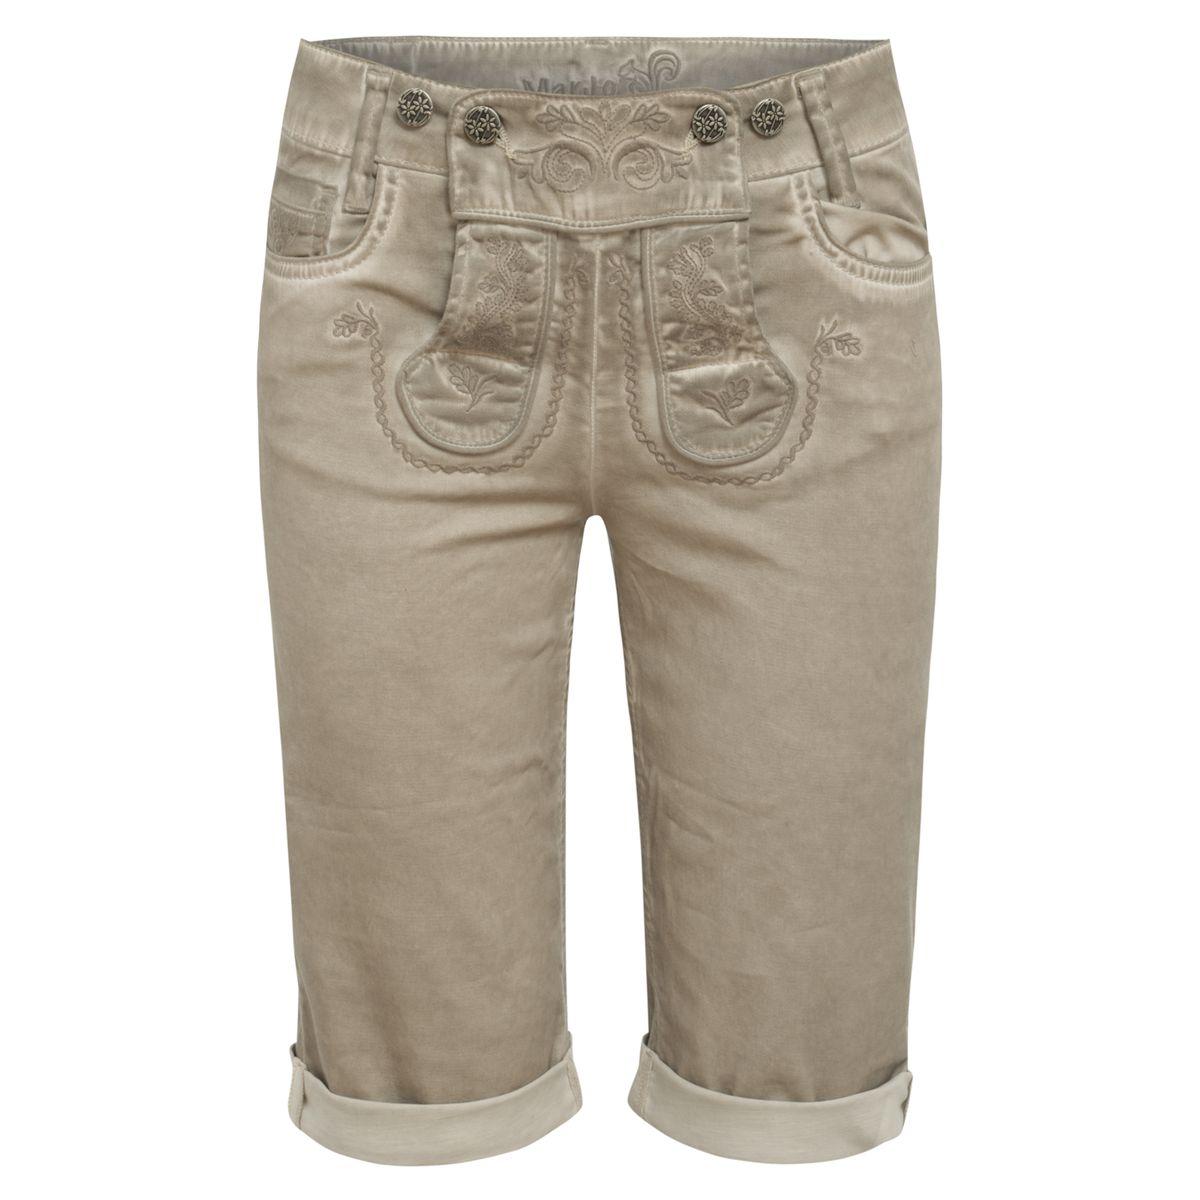 Jeans-Lederhose Franzi Capri in Grau von Marjo Trachten